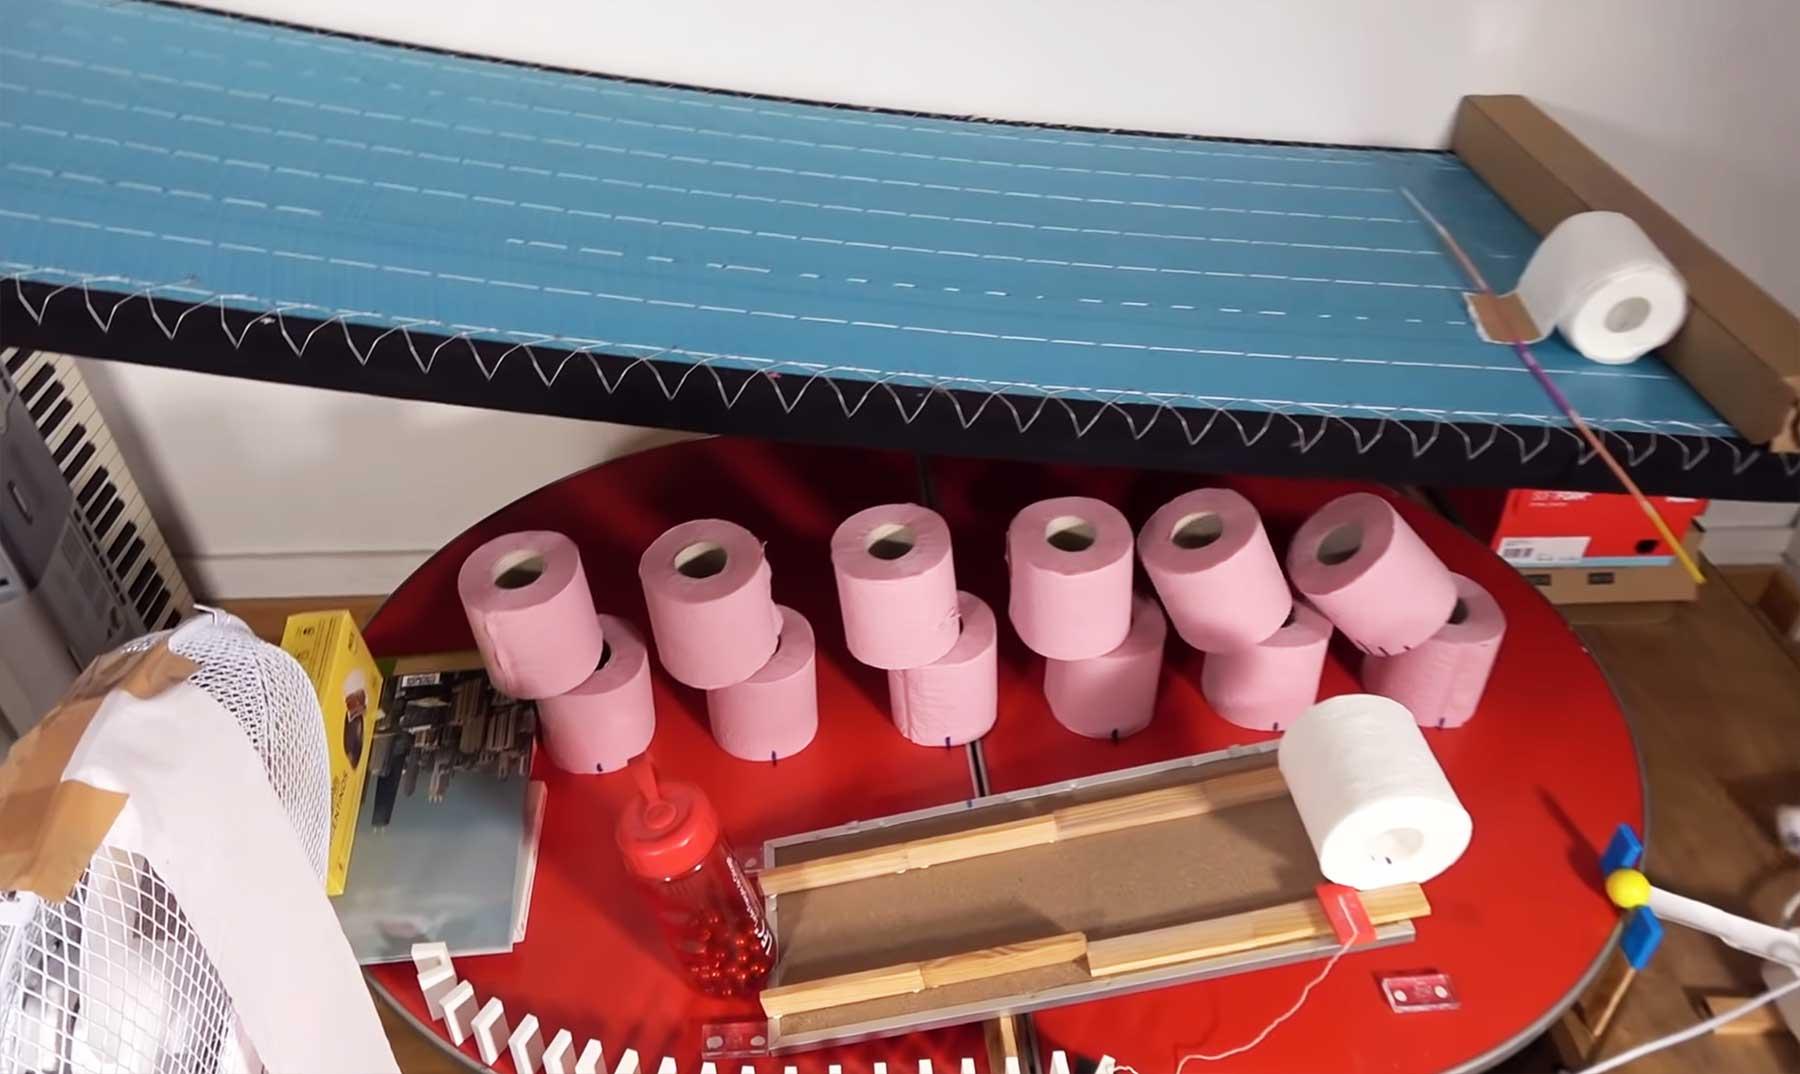 Klopapier-Kettenreaktion kettenreaktion-mit-toilettenpapier